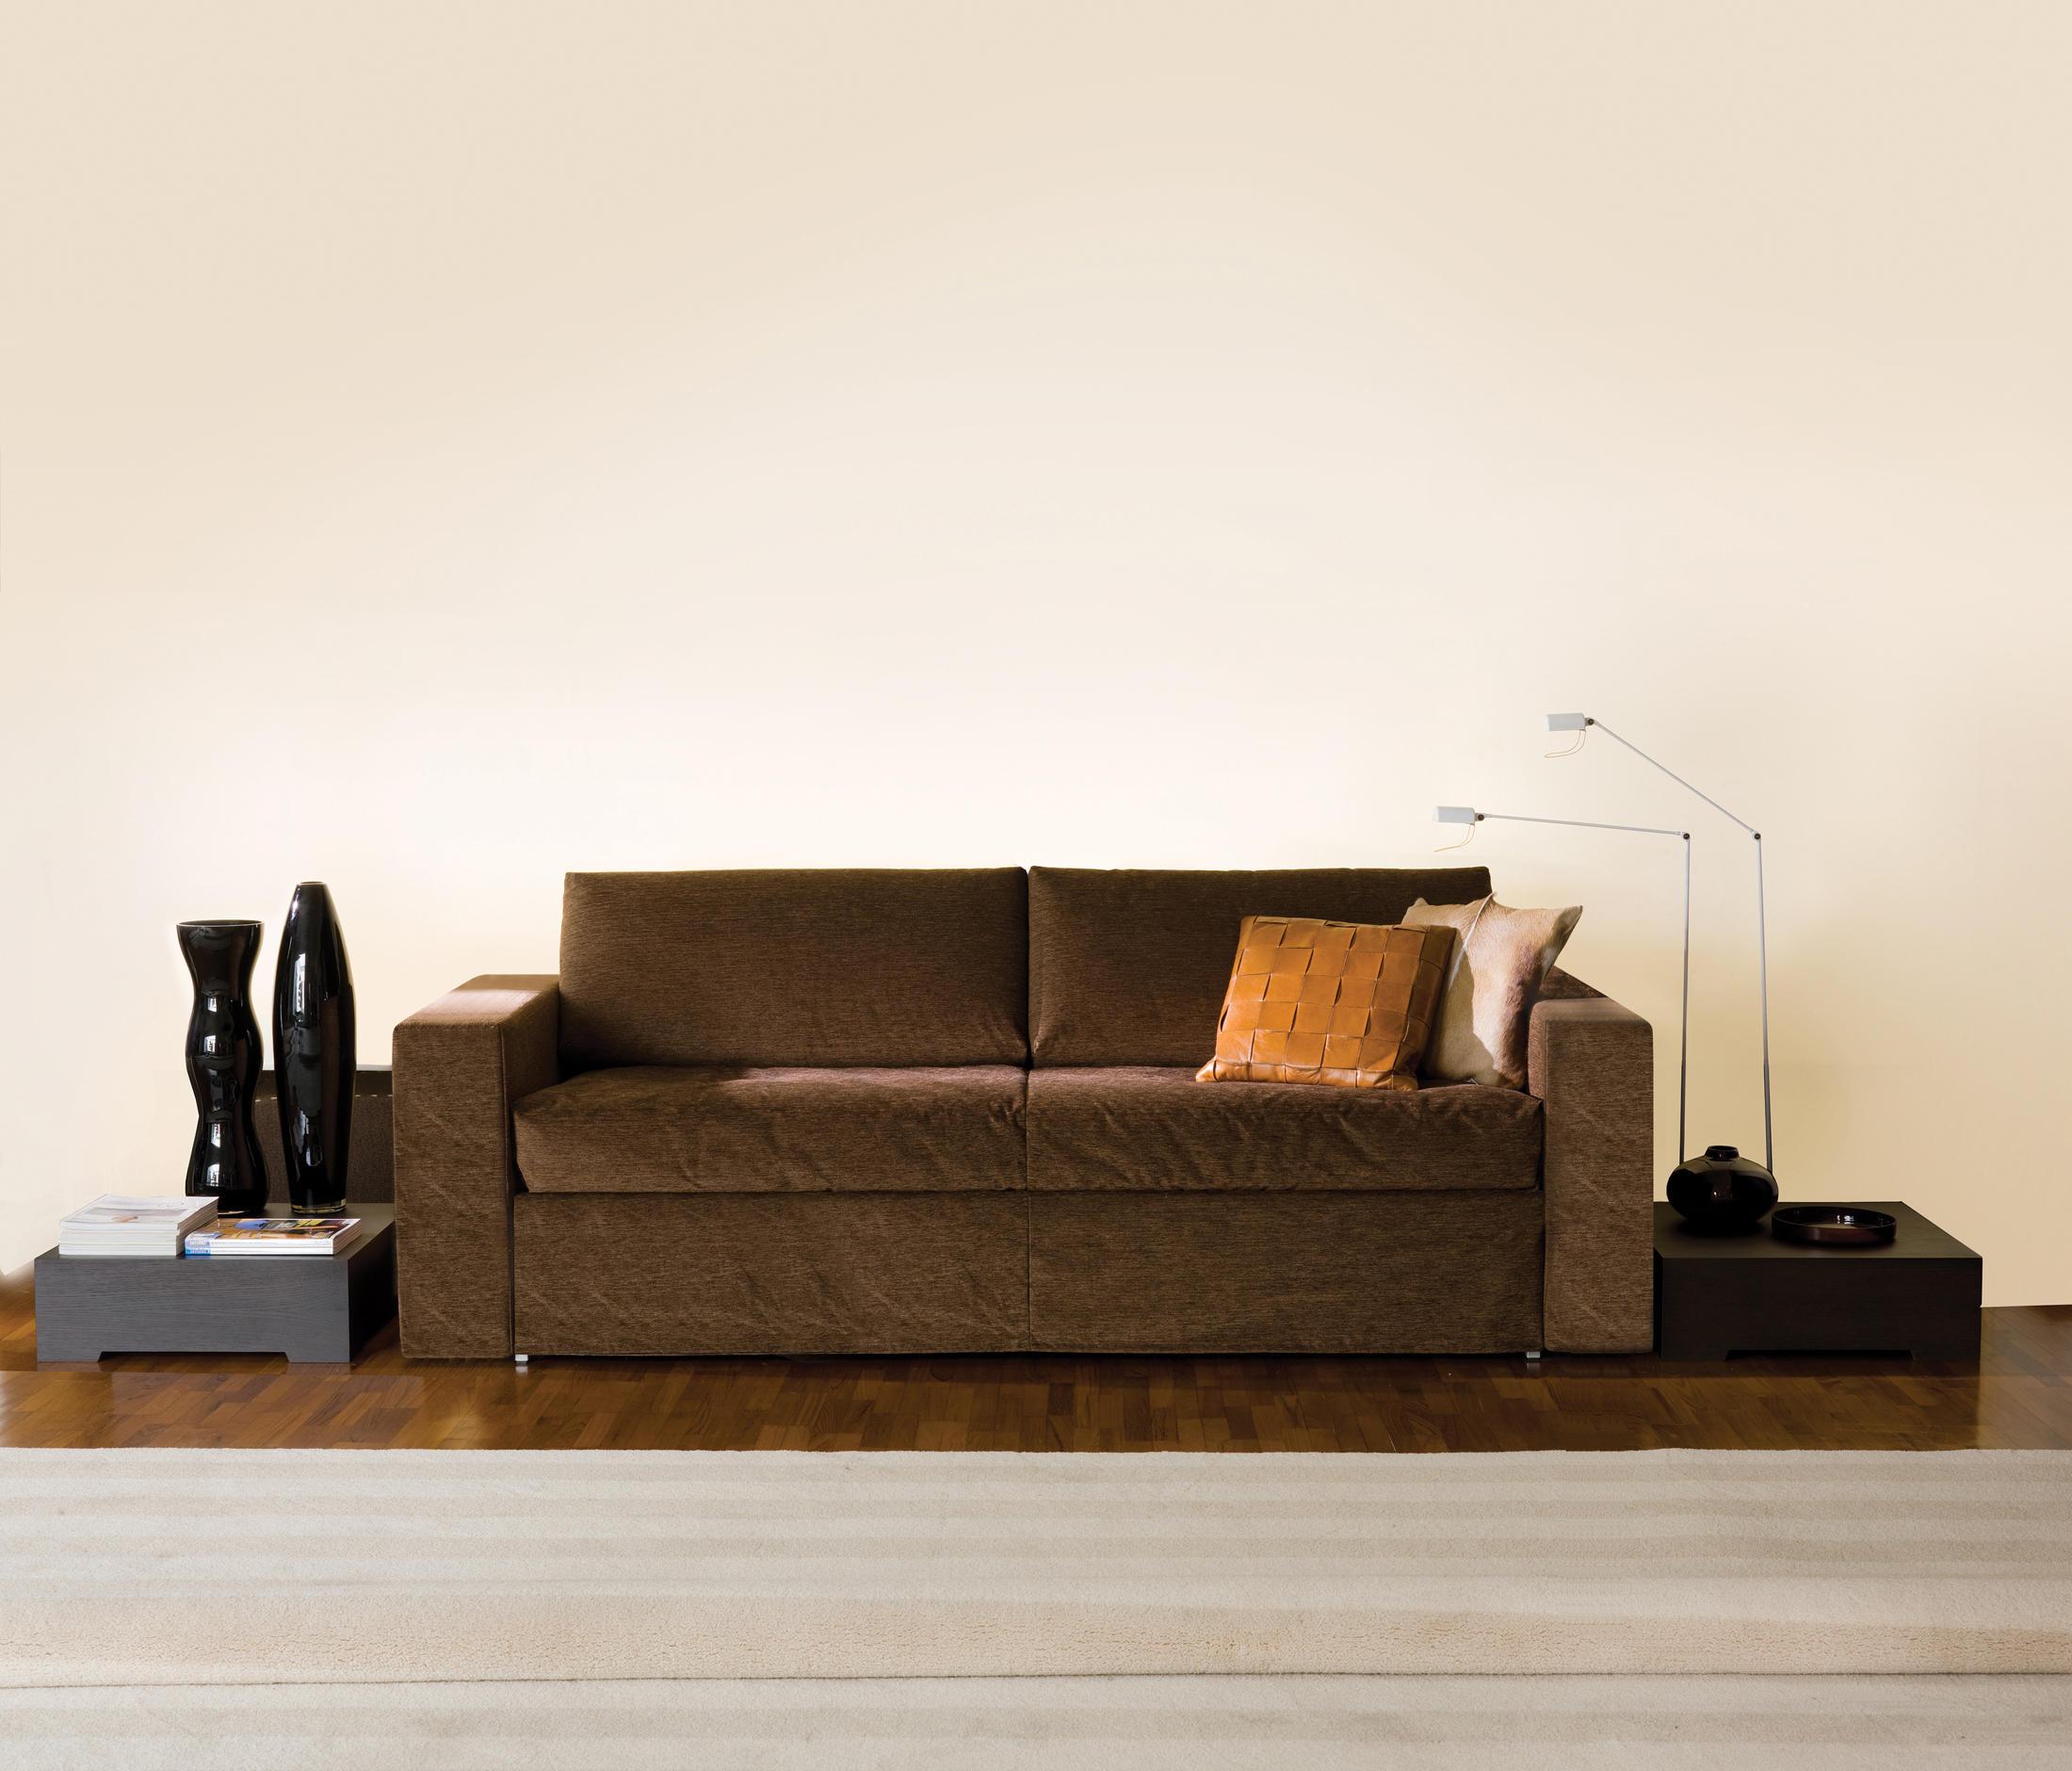 Best divani letto milano gallery for Rigolio arredamenti